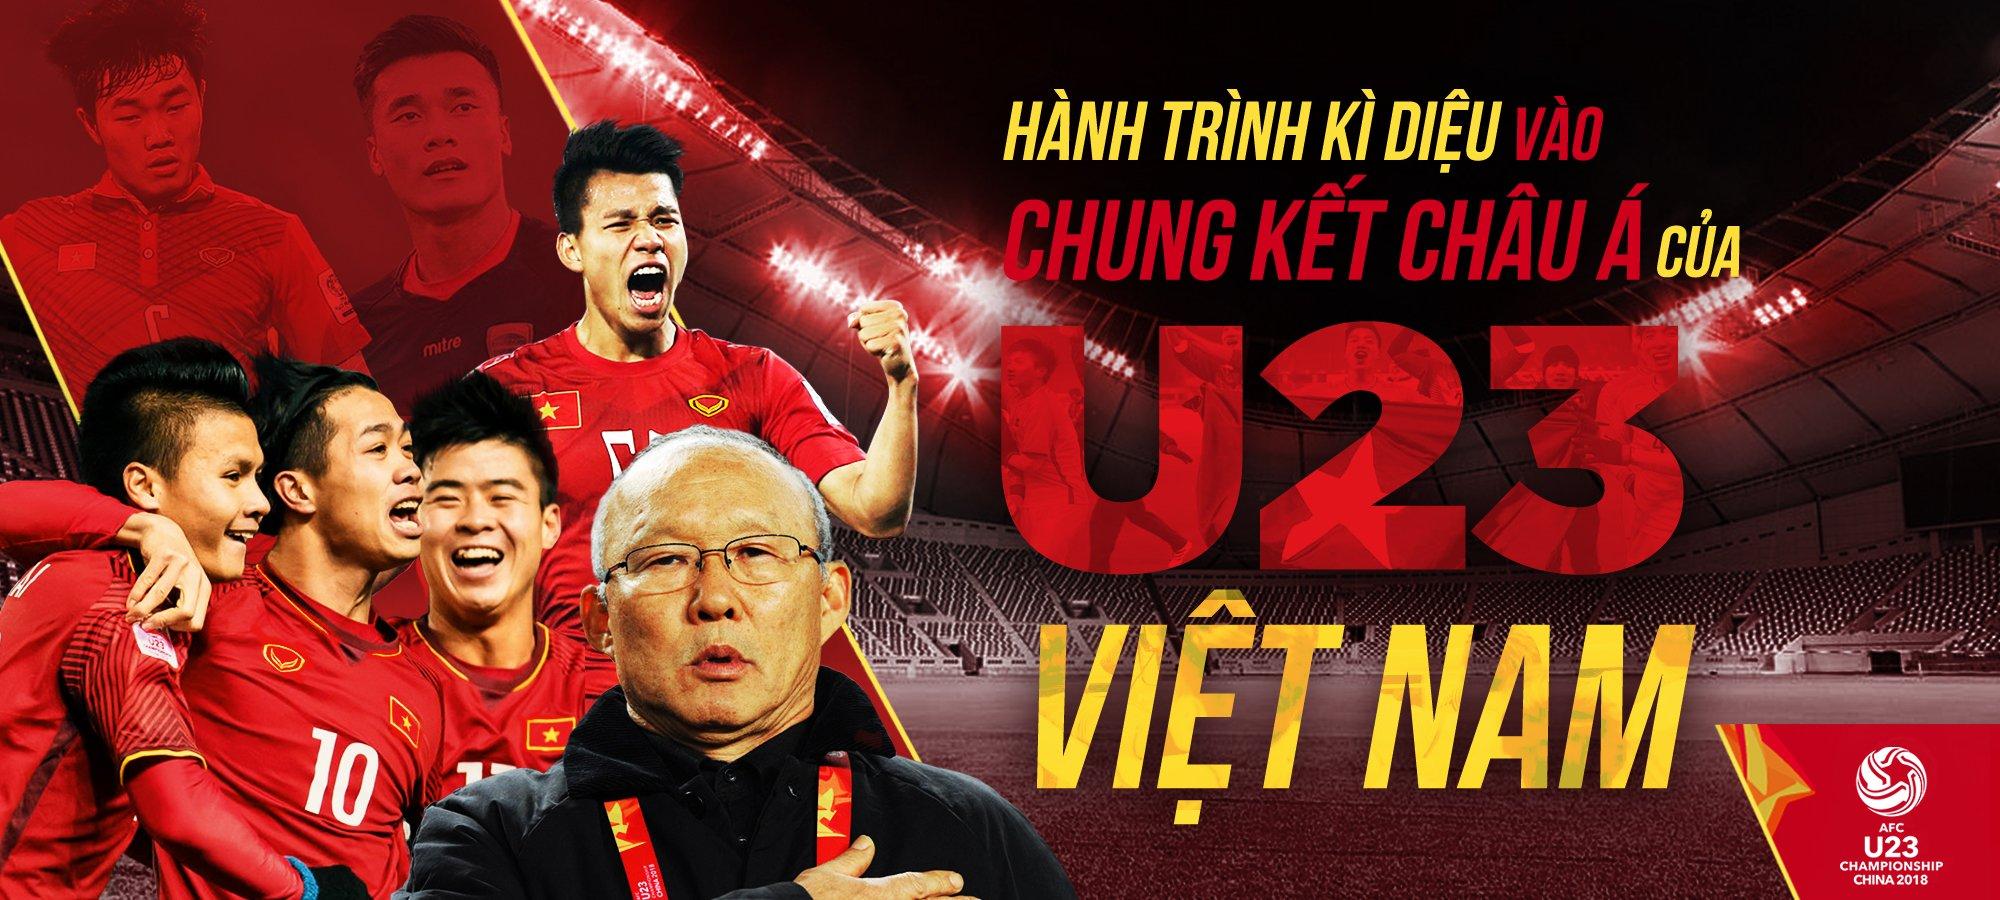 Hành trình kỳ diệu của đội tuyển quốc gia U23 Việt Nam tại VCK U23 châu Á